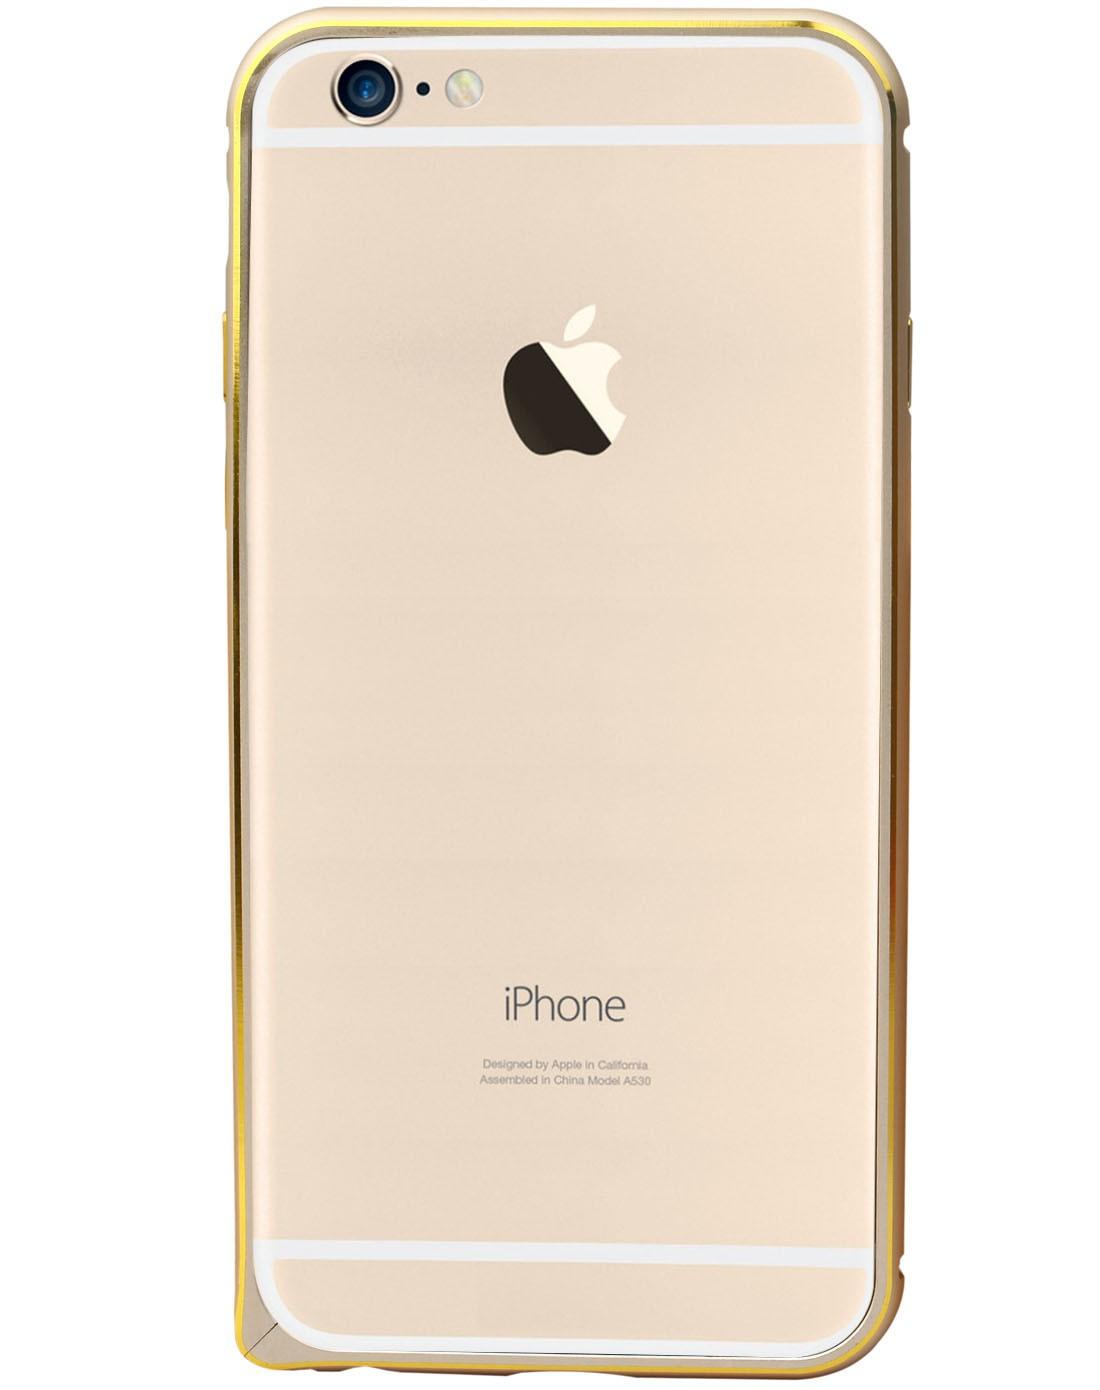 56eR5bm75bCP6K05bCB6Z2i_iphone6金属边框5.5寸 金色